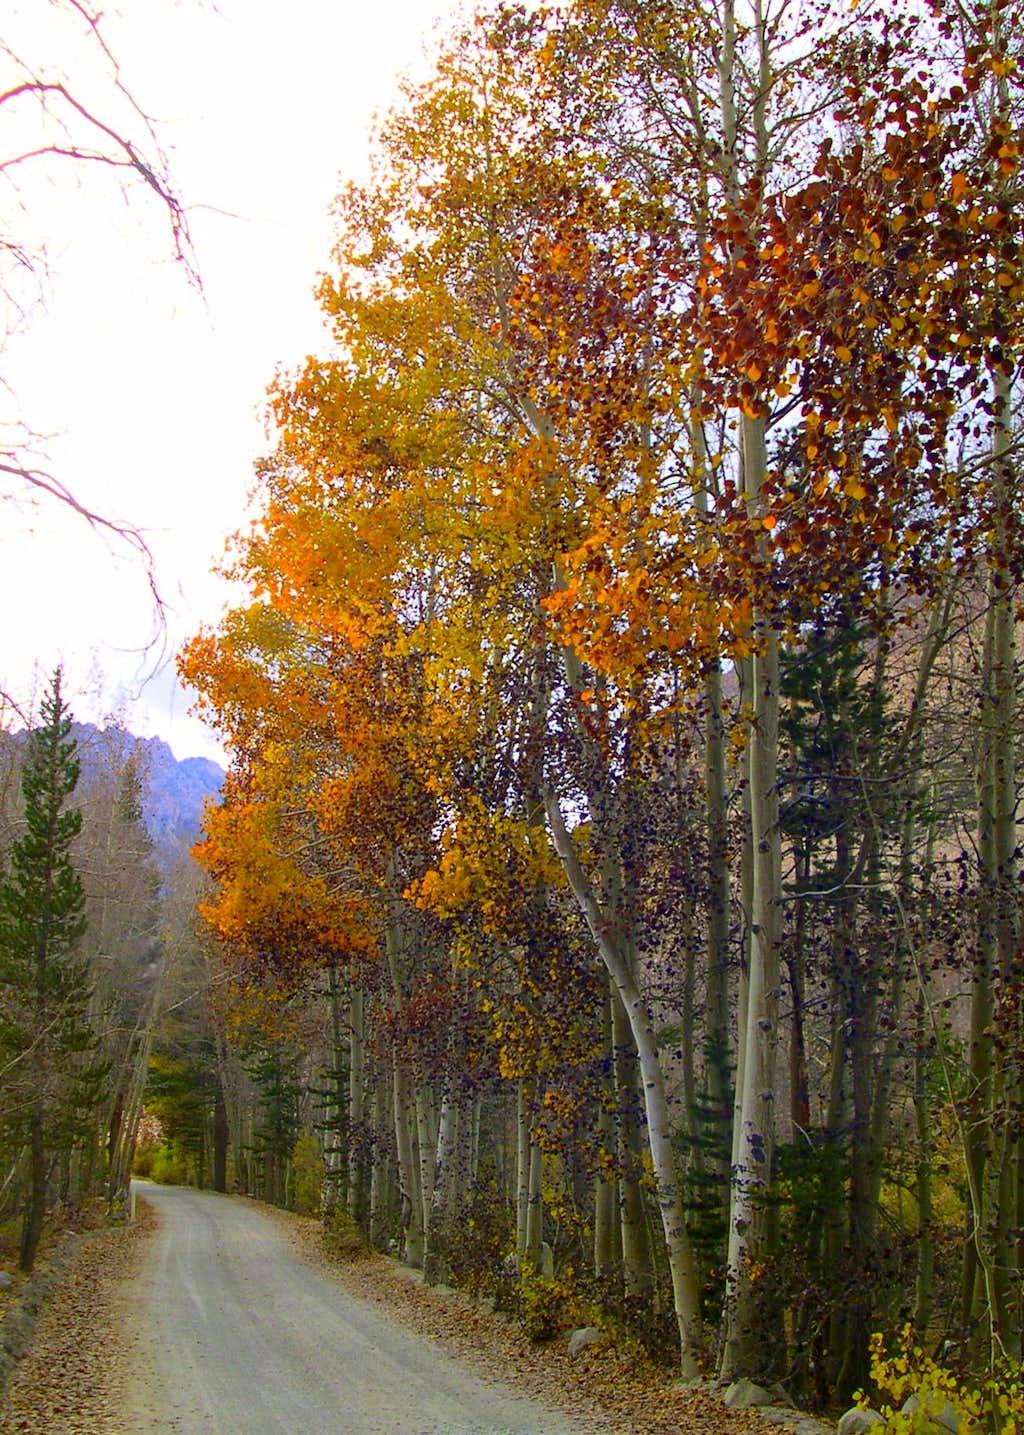 Near the North lake trailhead